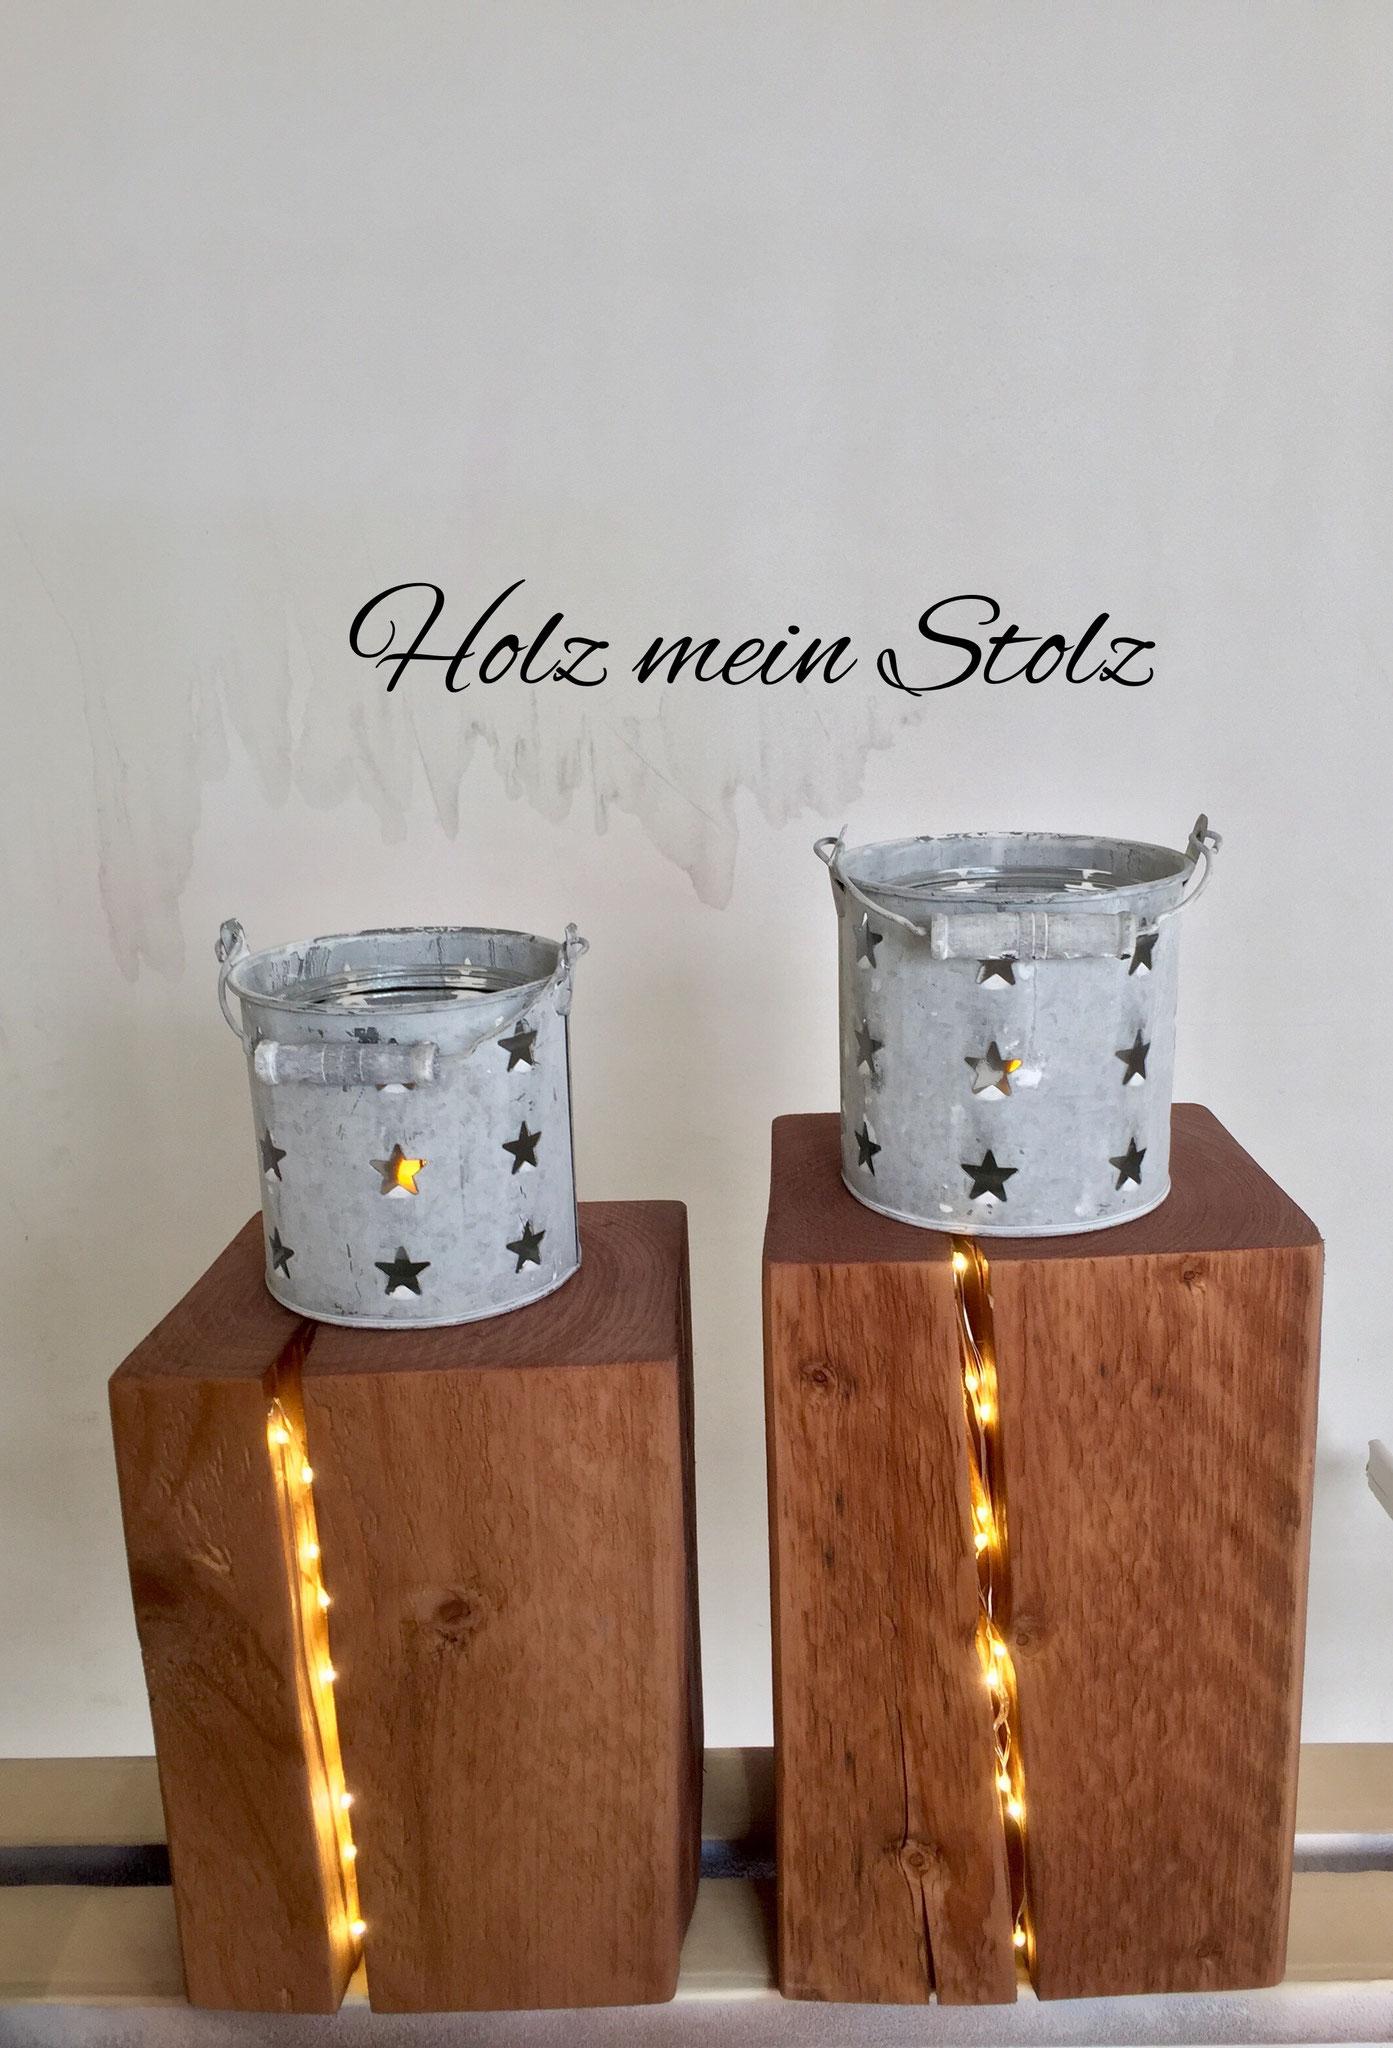 Altholz Balken mit LED Licht im Riss, Blechkübel mit Glas